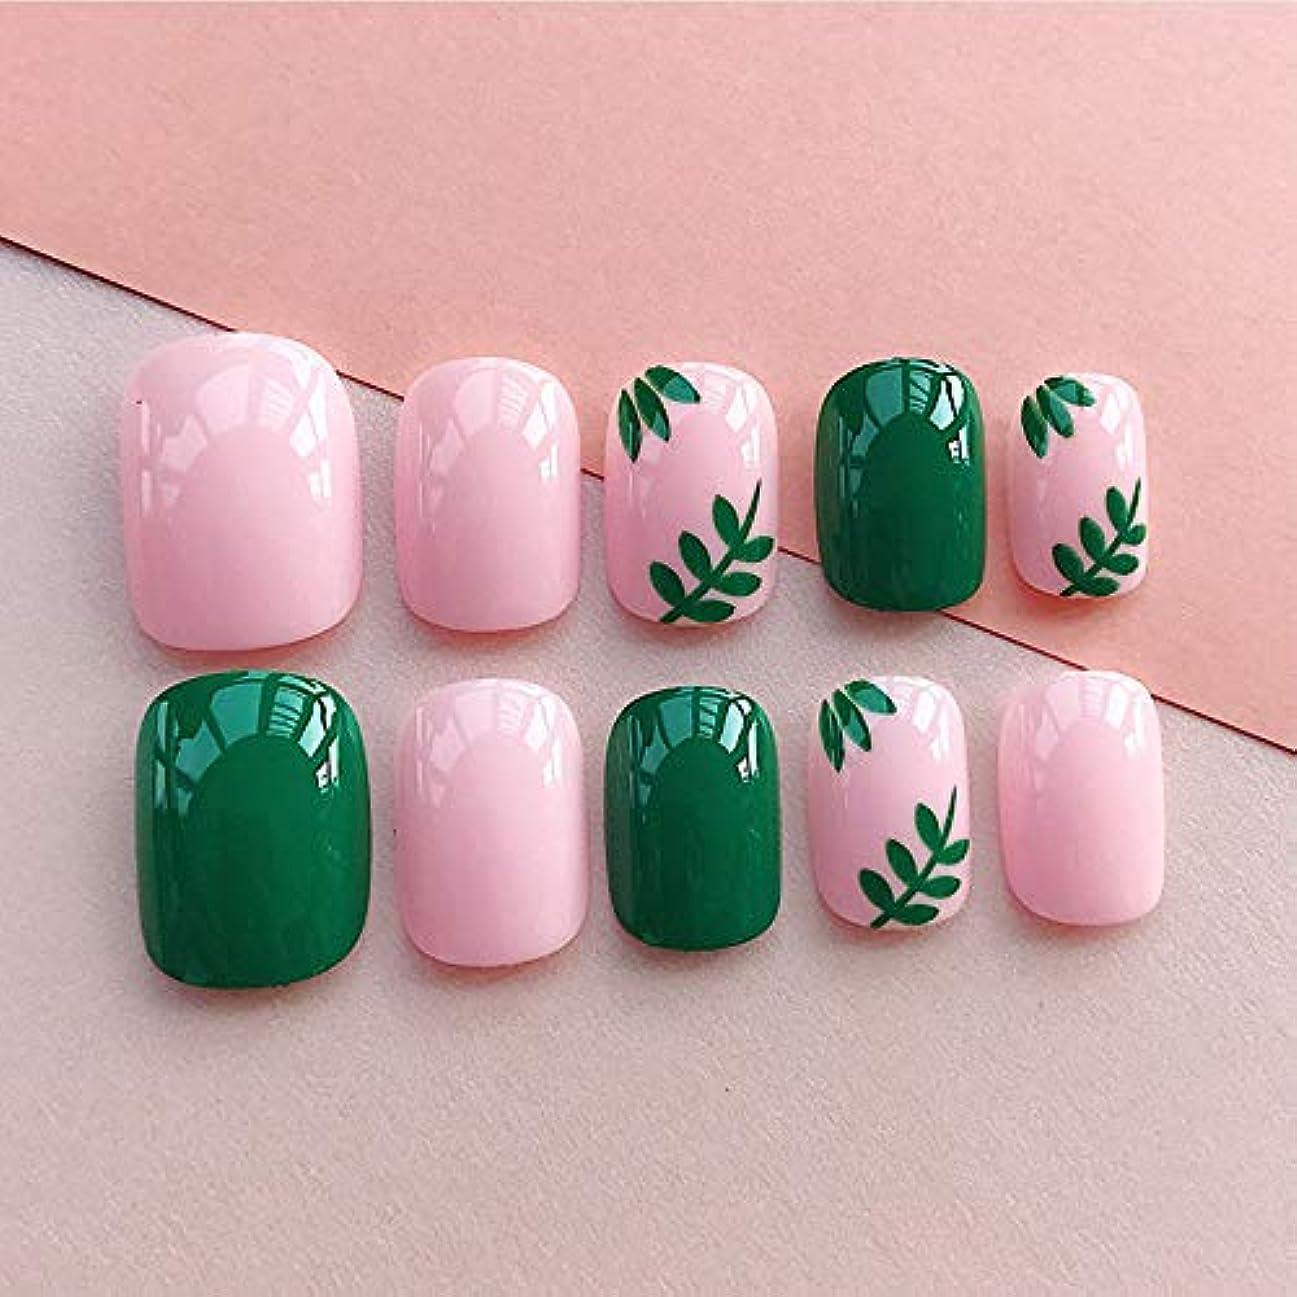 北アセンブリストライドLIARTY ネイルチップ 夏の ピンク 緑の葉 優雅 短い 四角形 フルカバー 24枚 12別サイズ つ